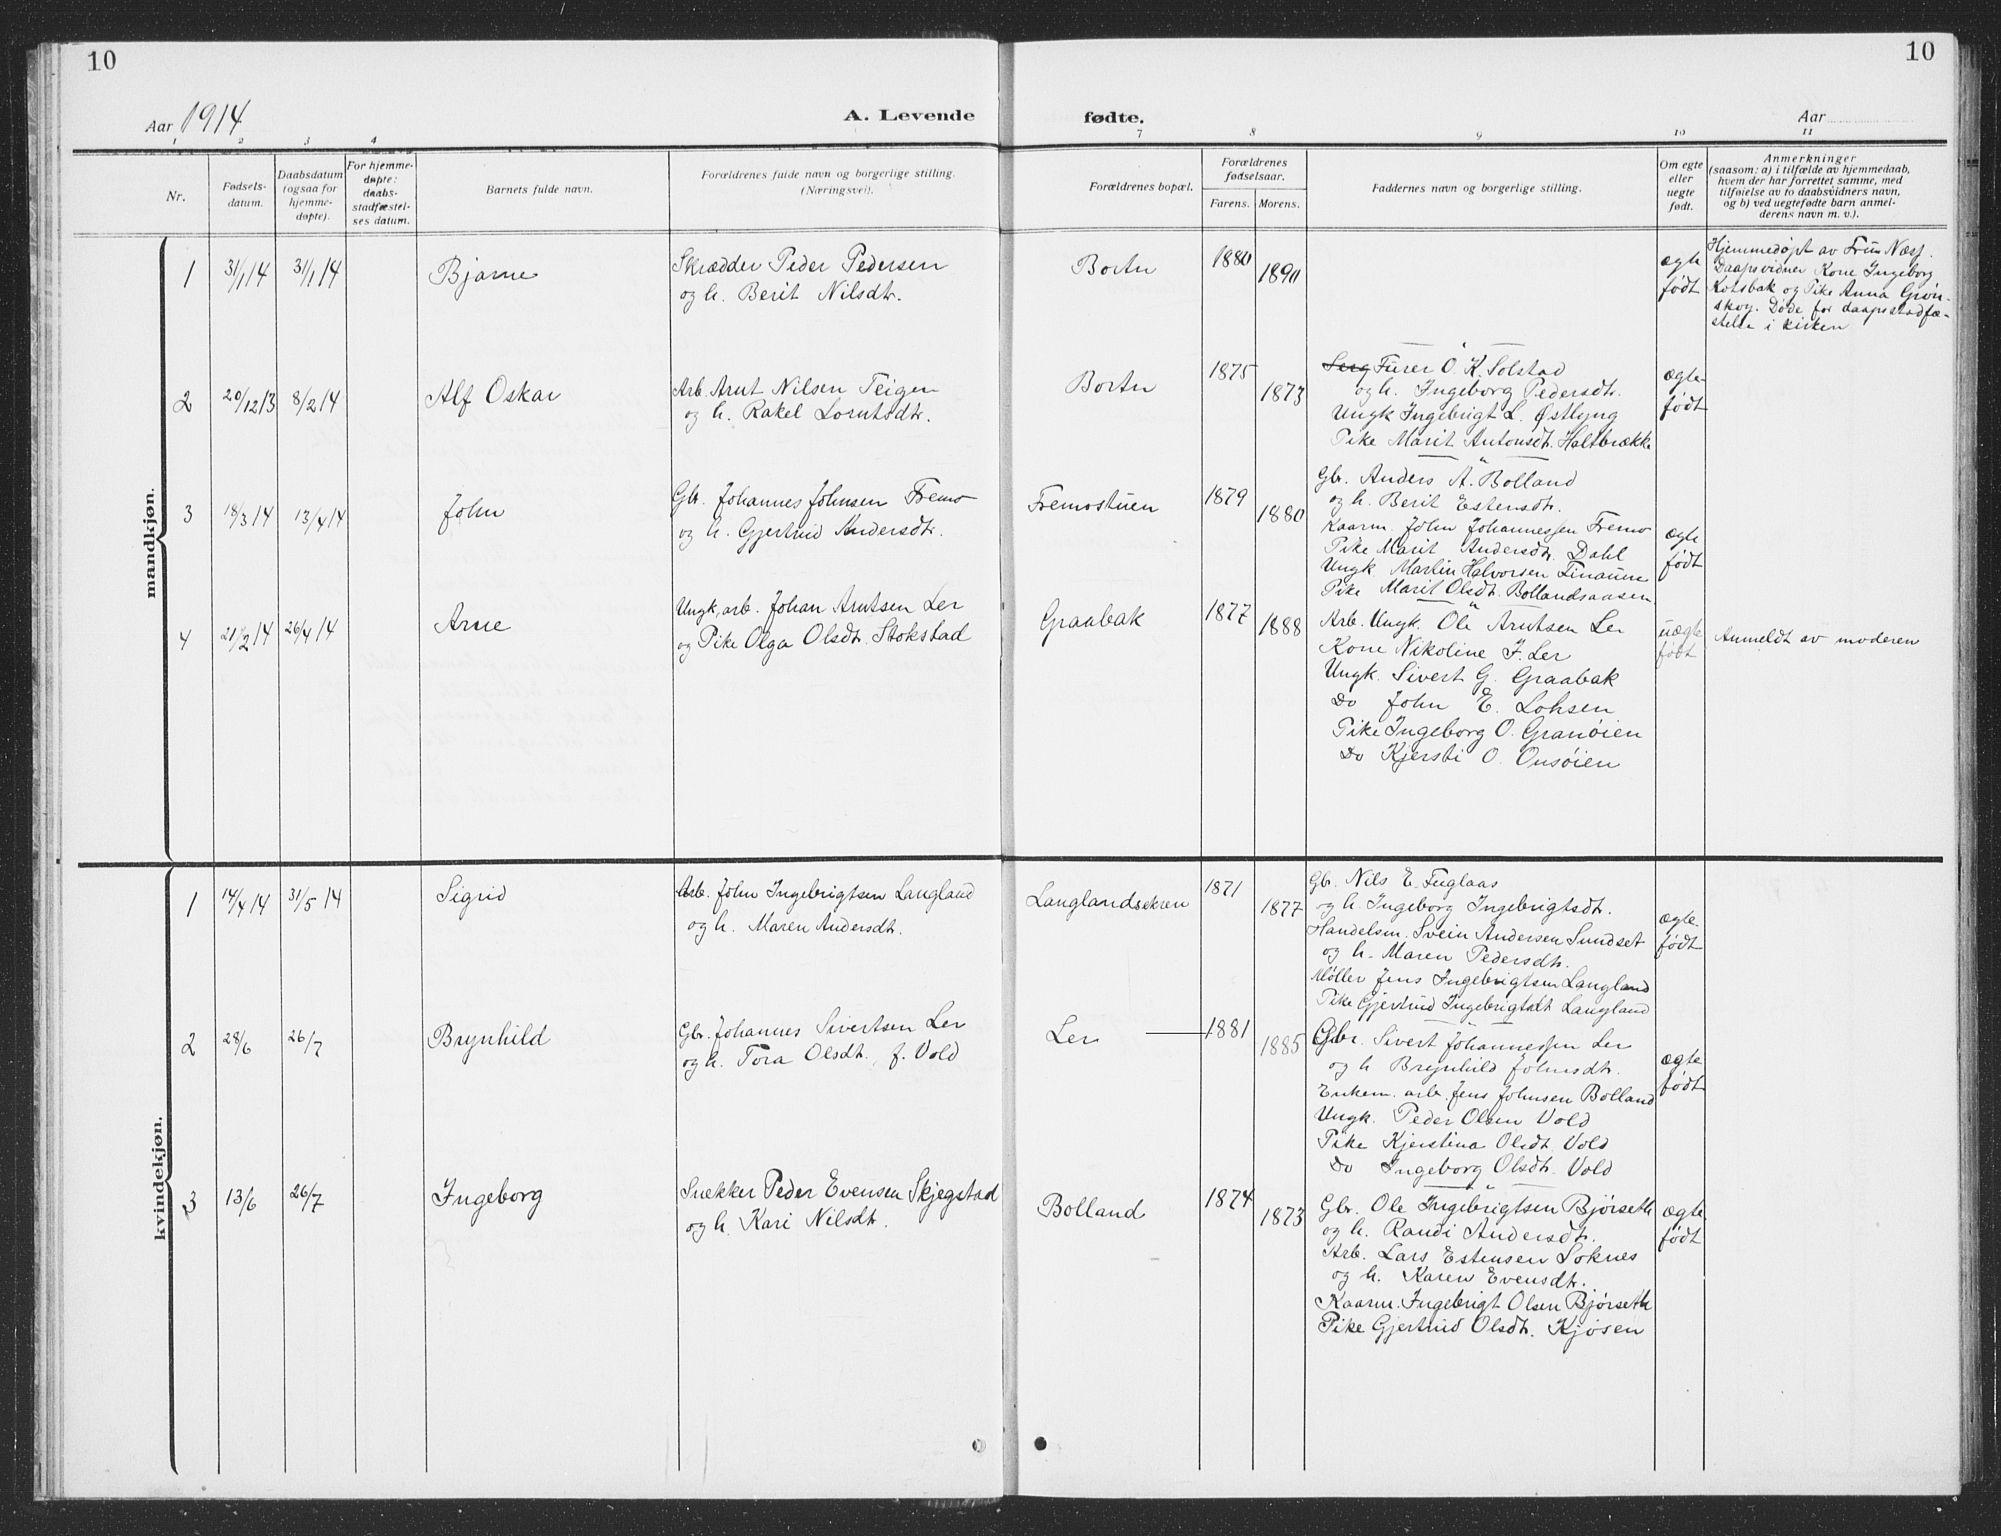 SAT, Ministerialprotokoller, klokkerbøker og fødselsregistre - Sør-Trøndelag, 693/L1124: Klokkerbok nr. 693C05, 1911-1941, s. 10